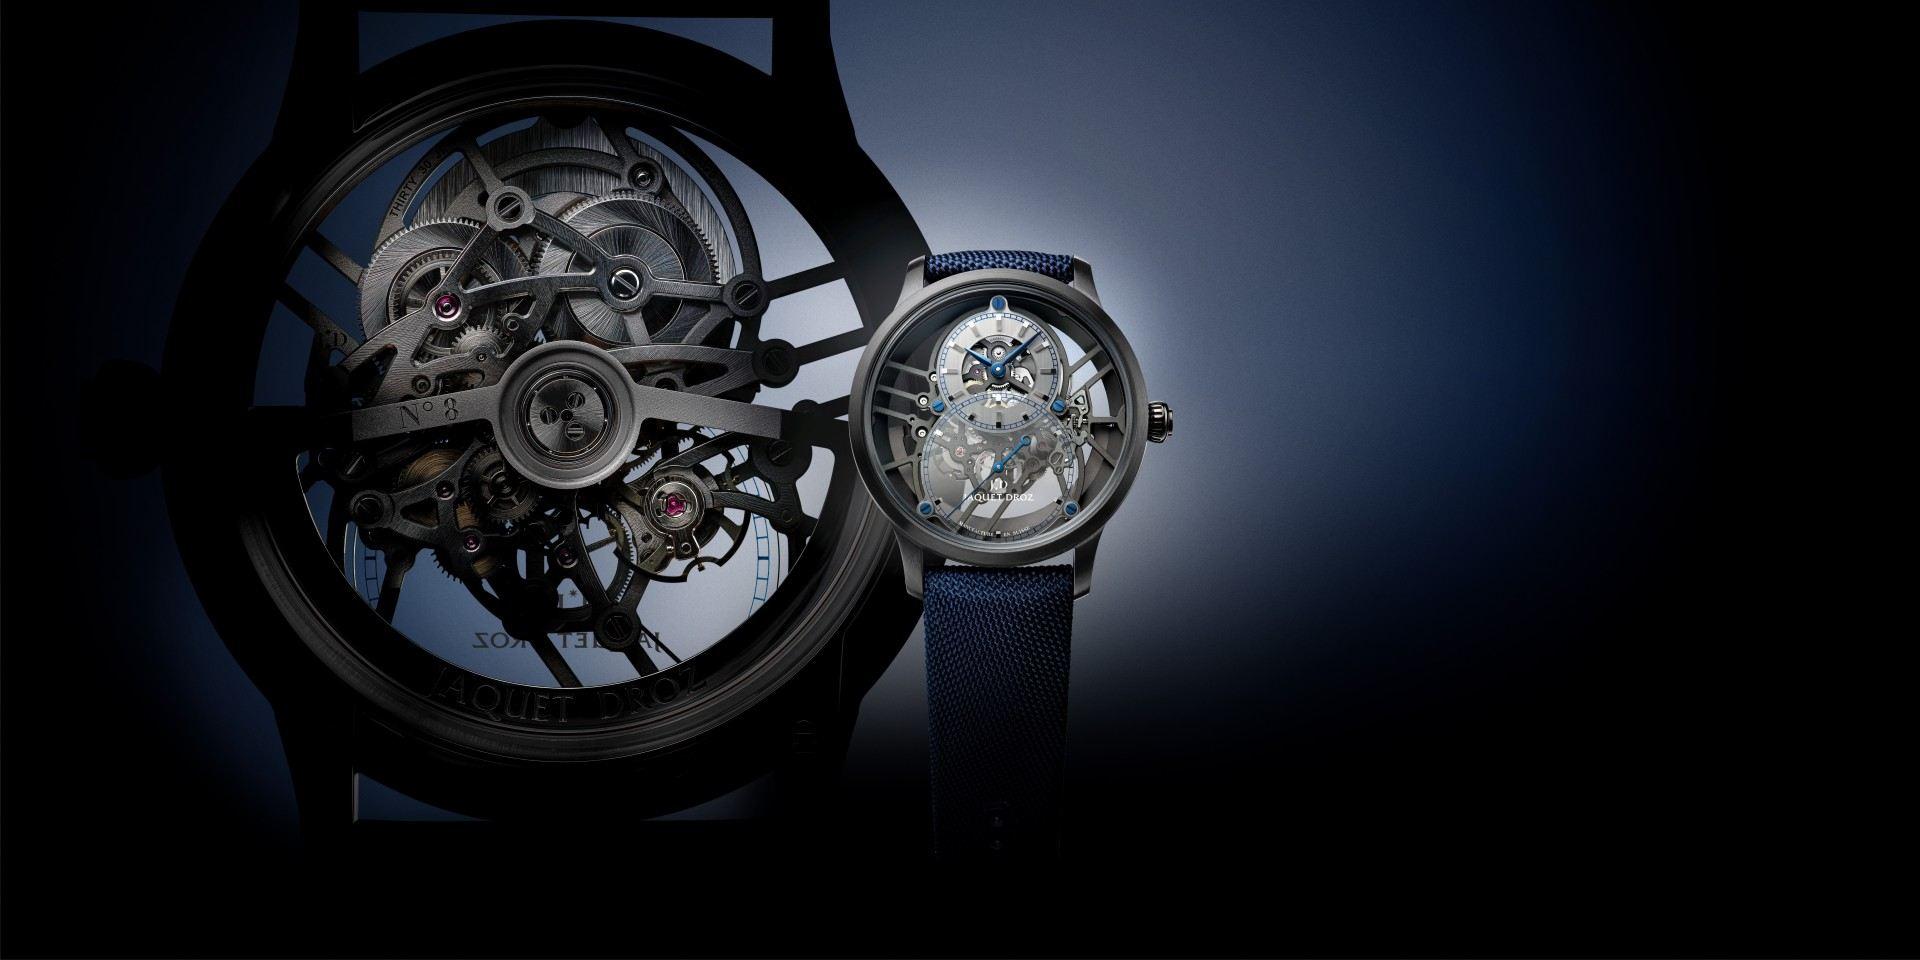 以卓越工藝揮灑時尚魅力:Jaquet Droz 全新Grande Seconde Skelet-One大秒針鏤空陶瓷腕錶